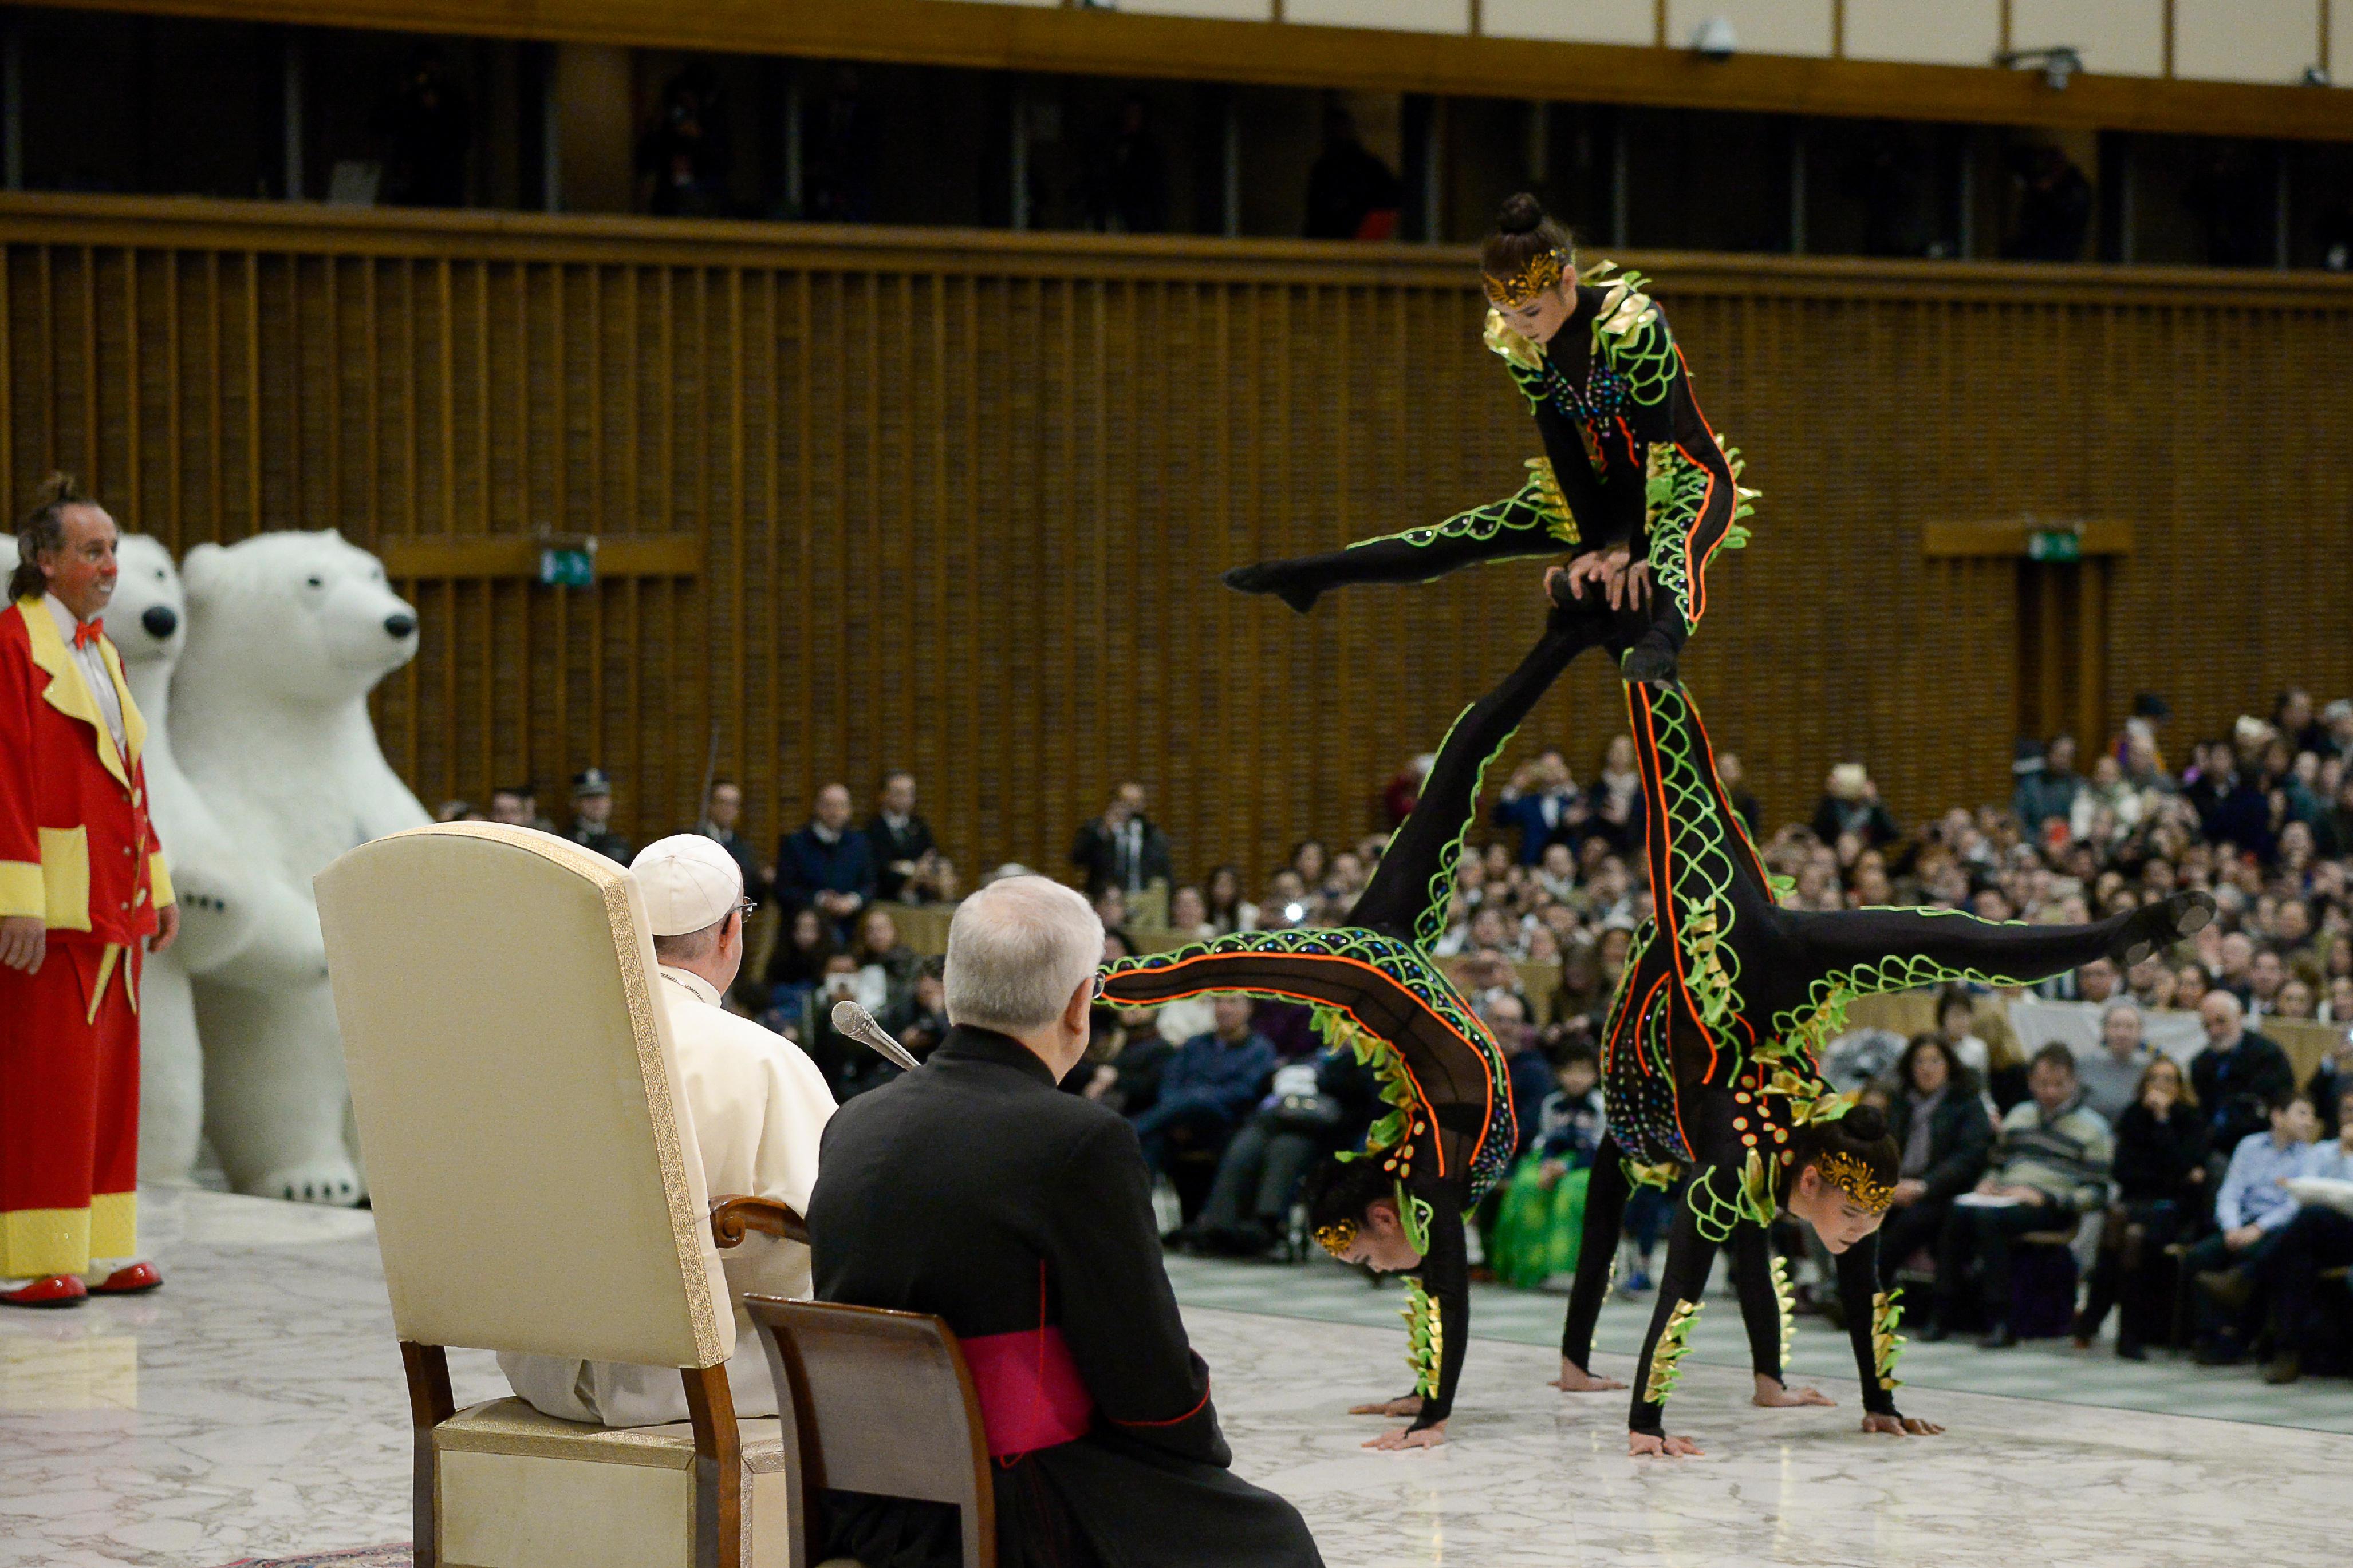 Las acróbatas del Golden Circus en la audiencia general © Vatican Media